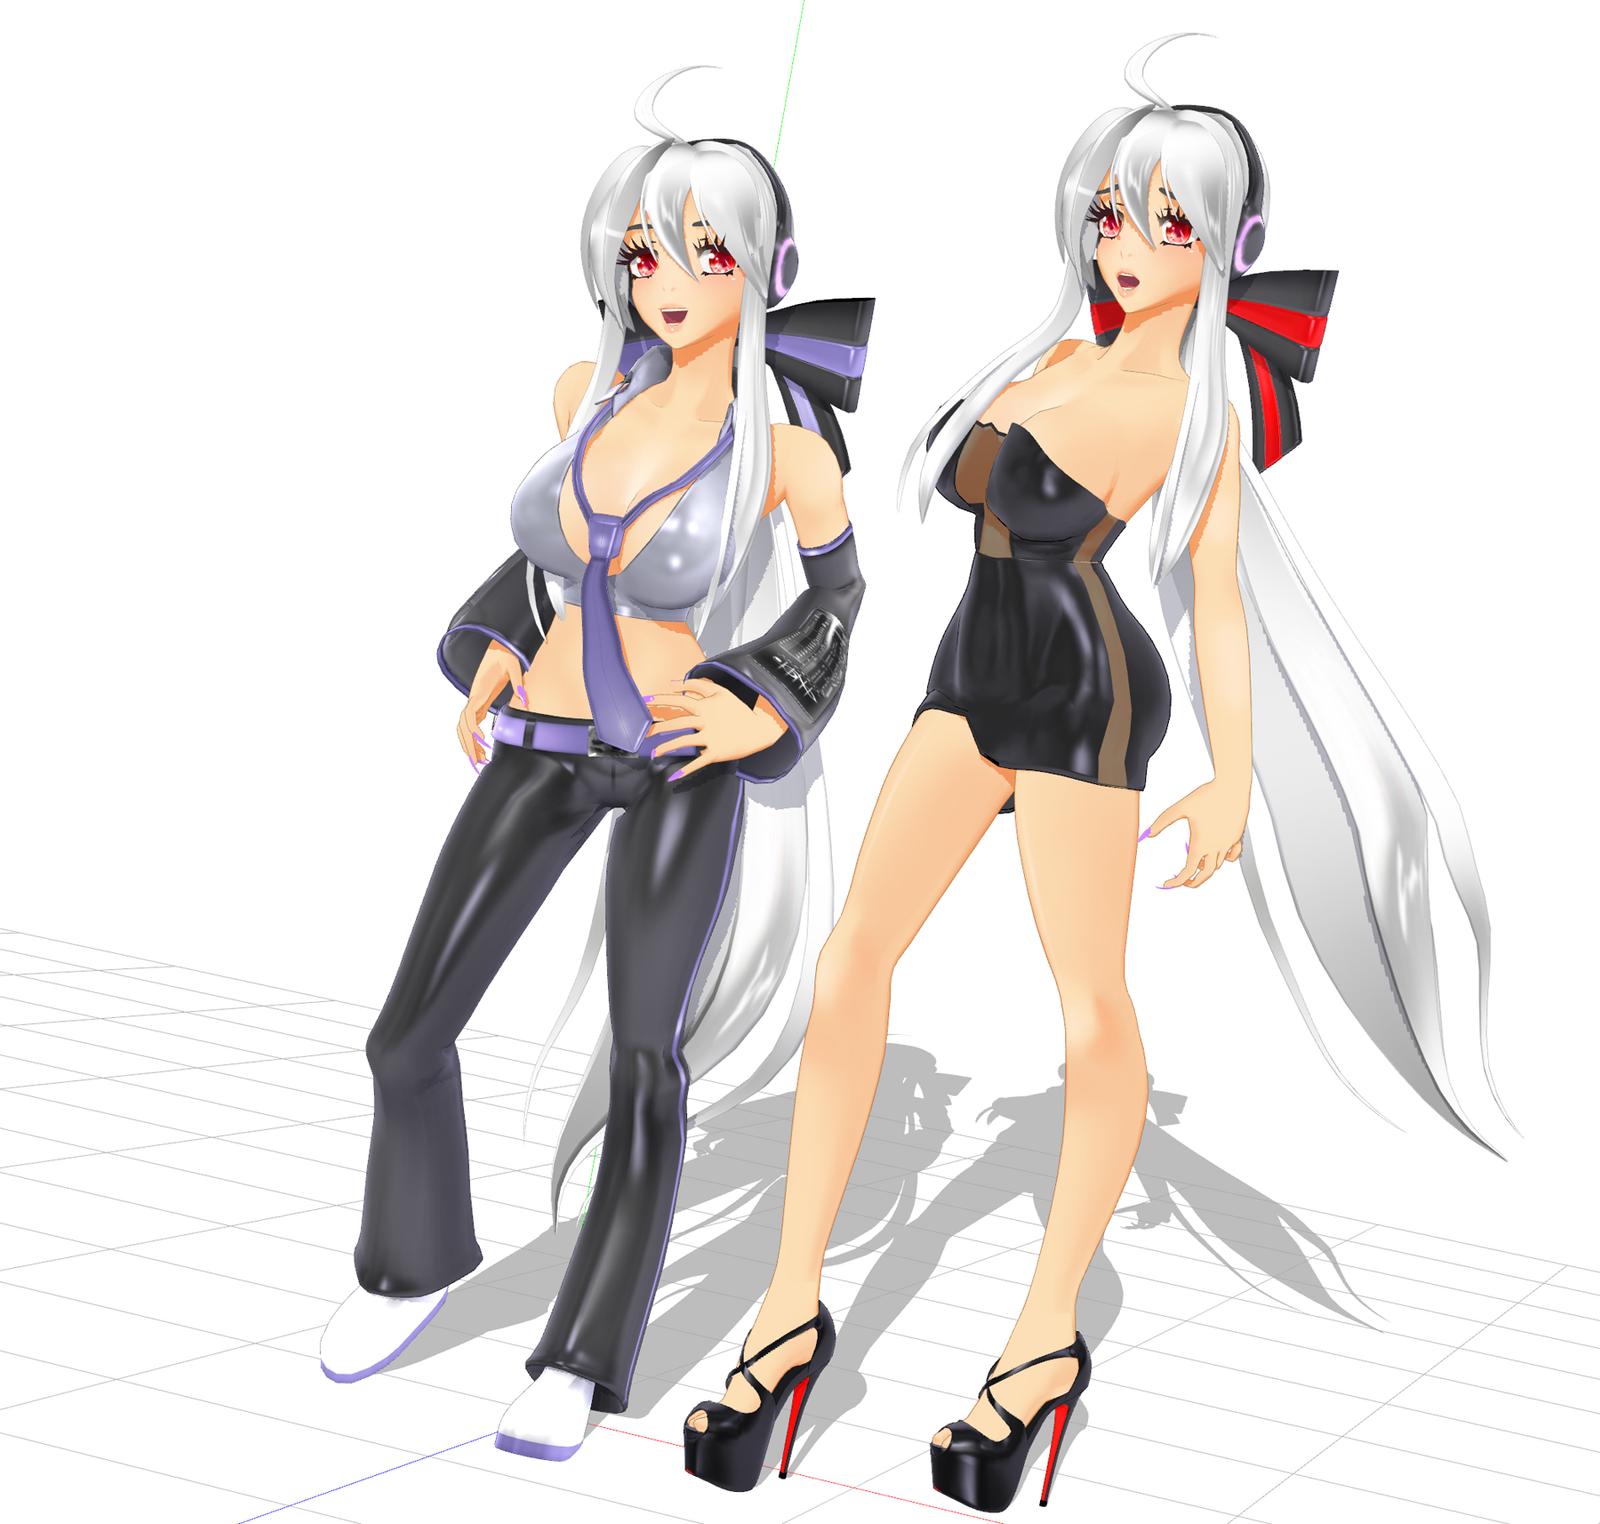 [MMD] Virgin Killers Model DL by Adspancake on DeviantArt